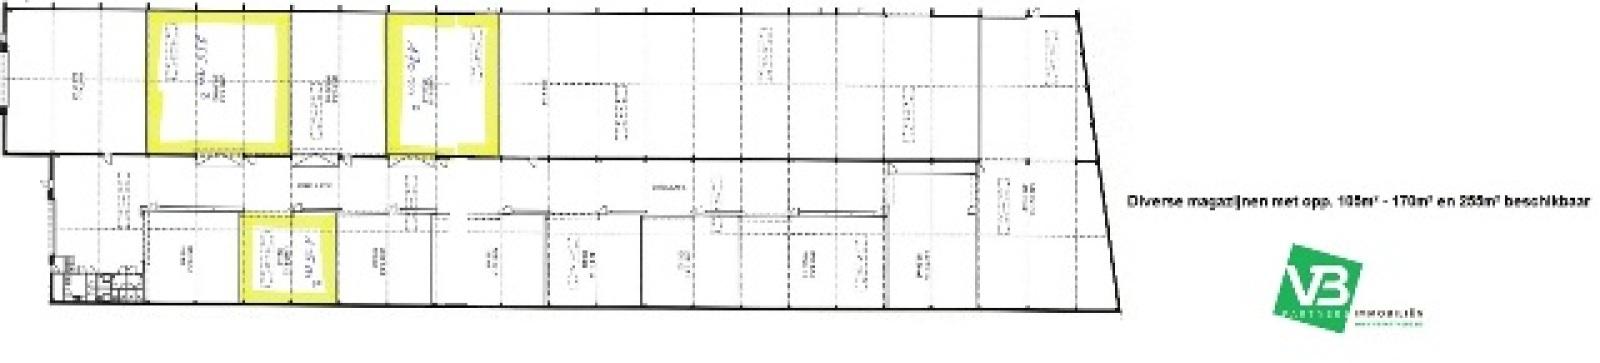 Industrie- en kantoorunits afbeelding 8